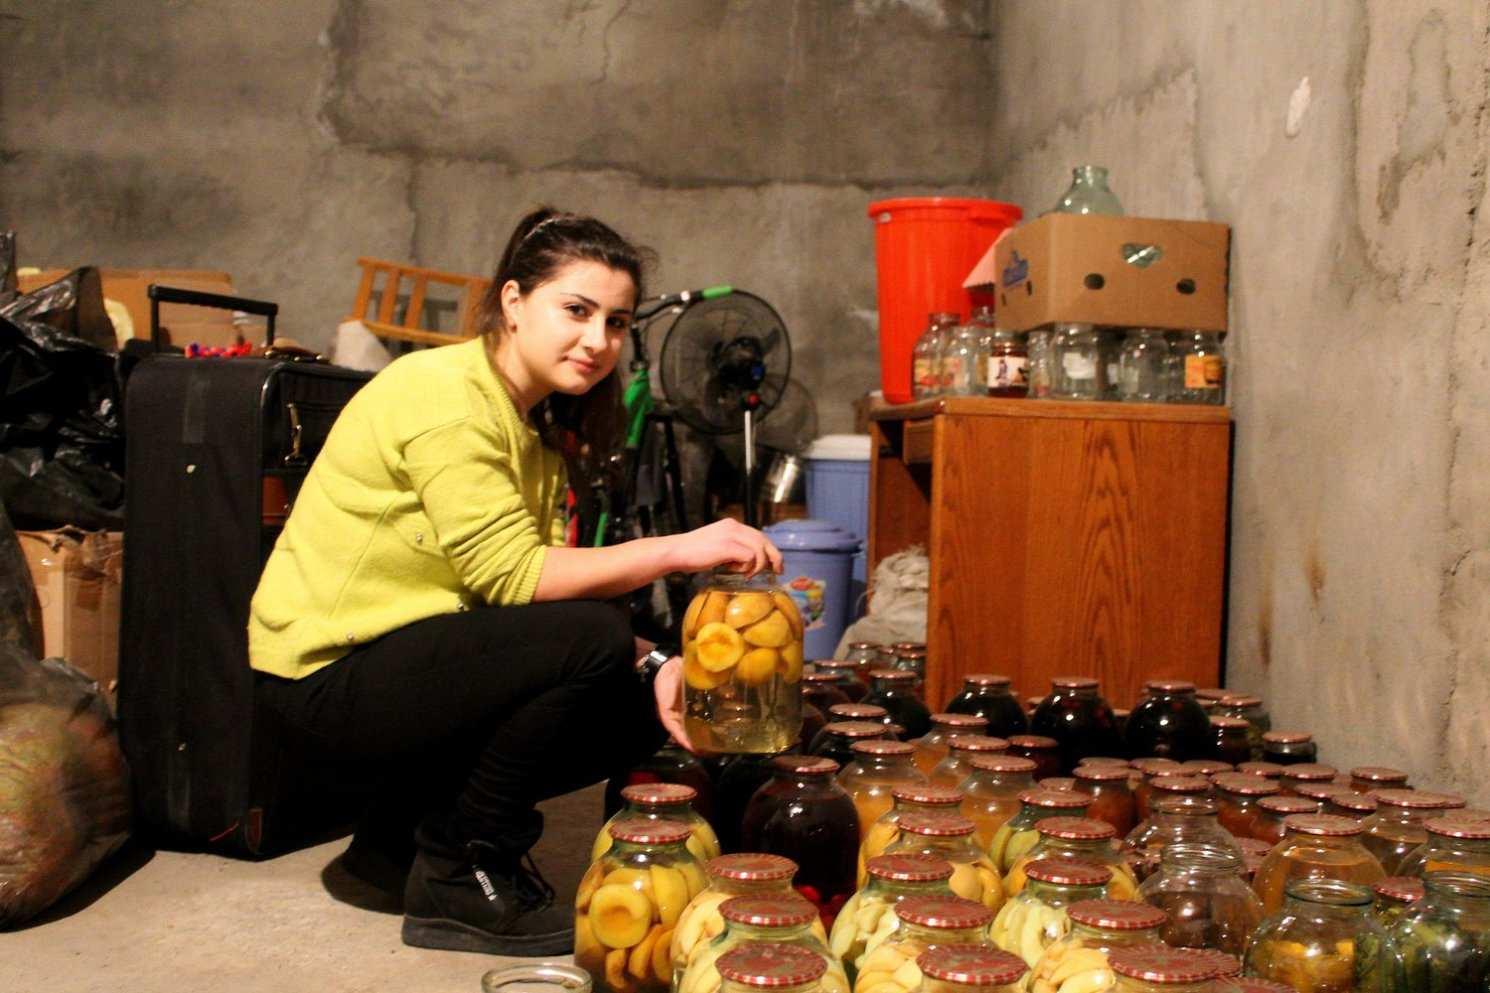 15-летняя Офелия Хачатрян демонстрирует запасы консервов, заготовленные жителями дома.